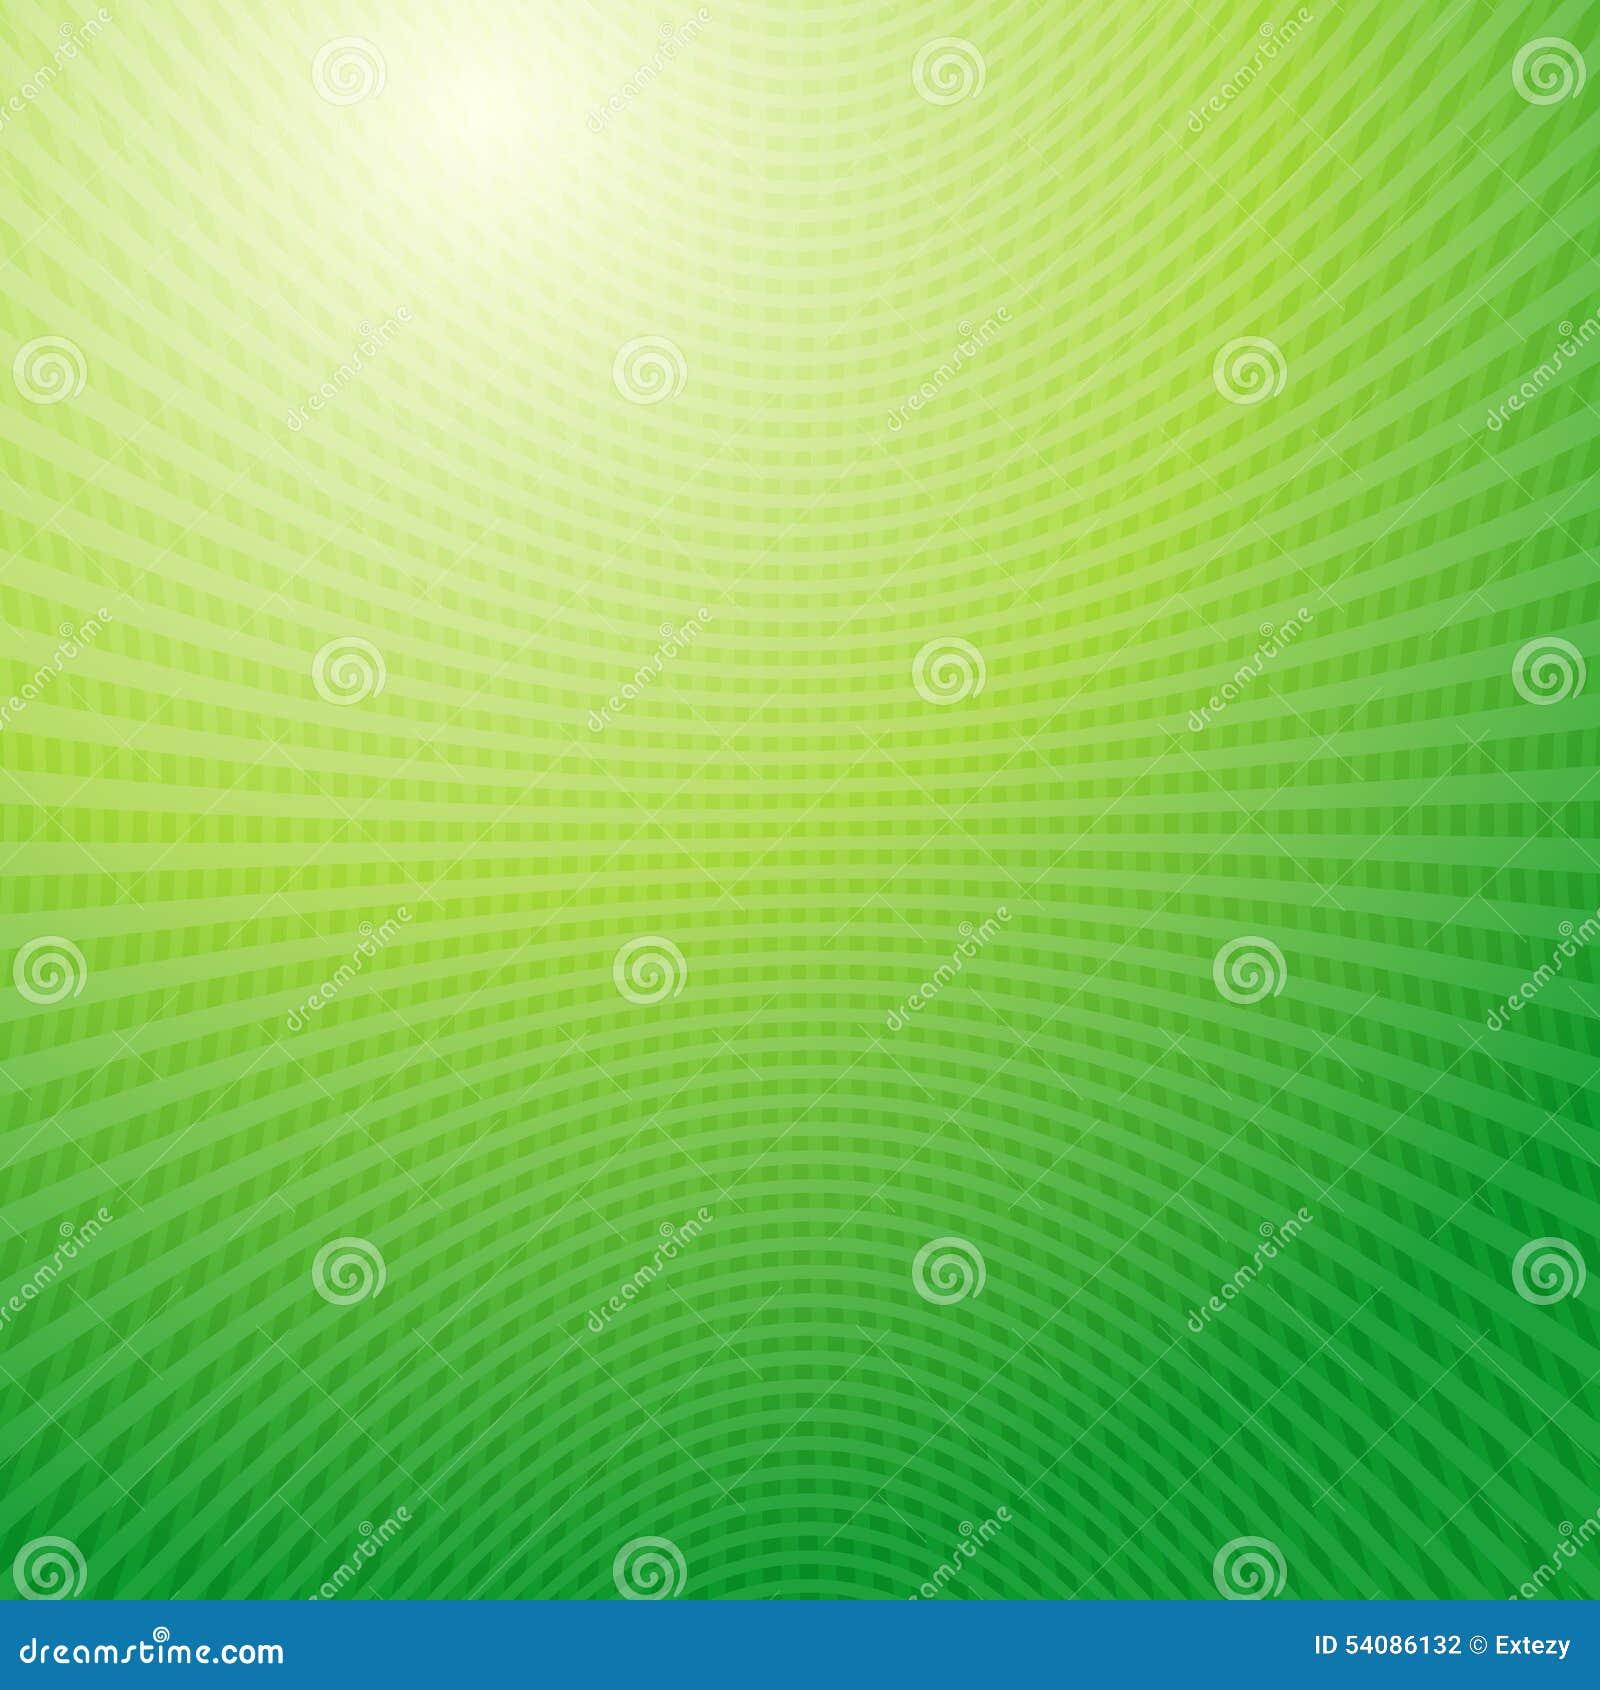 Vectorontwerppatroon De groene samenvatting van het golvennet